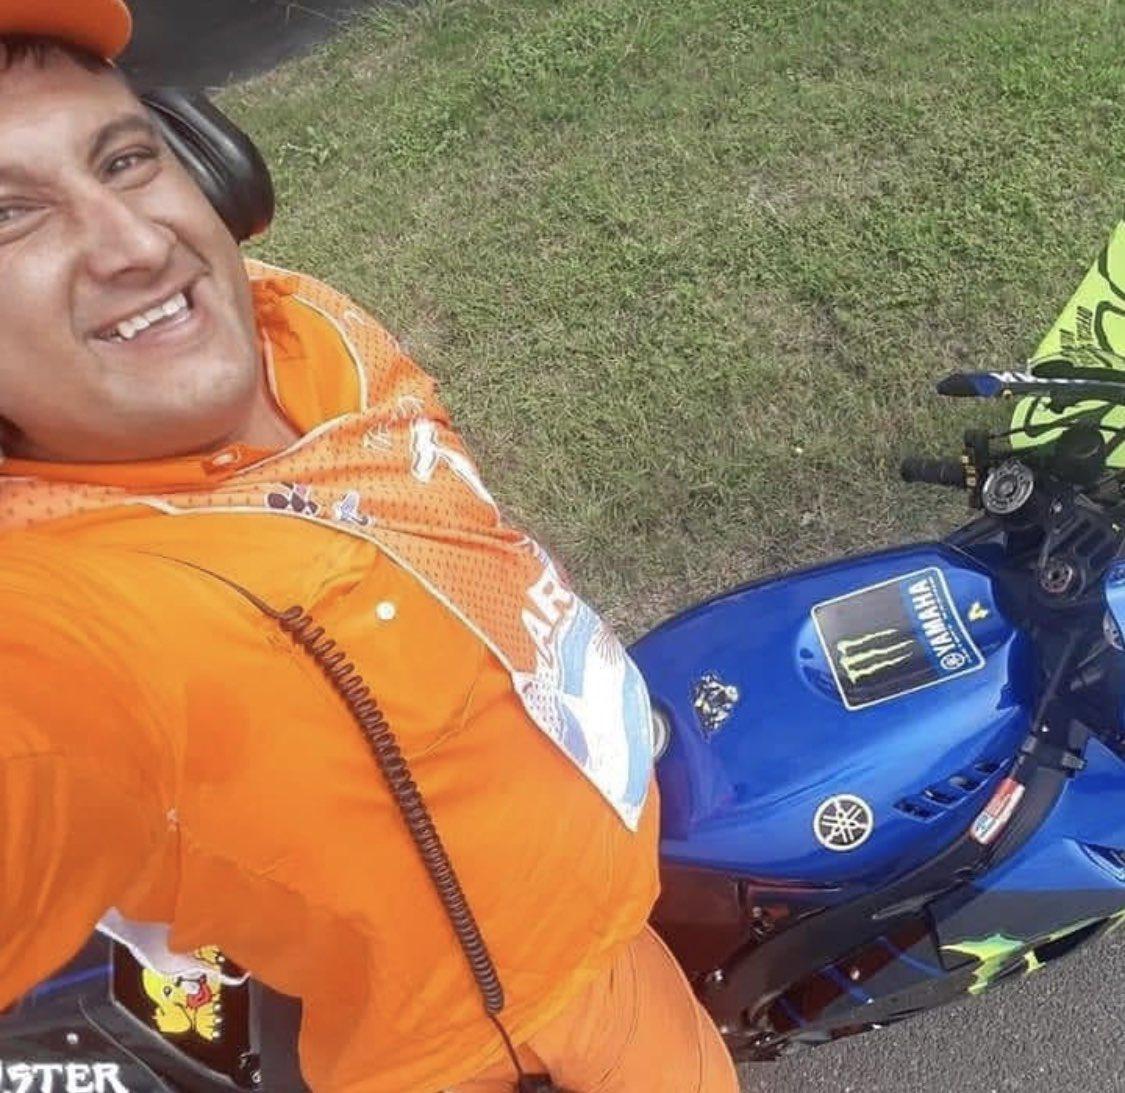 El comisario al que Rossi pidió que le sujetara la moto, no desaprovechó la oportunidad y se hizo un selfie